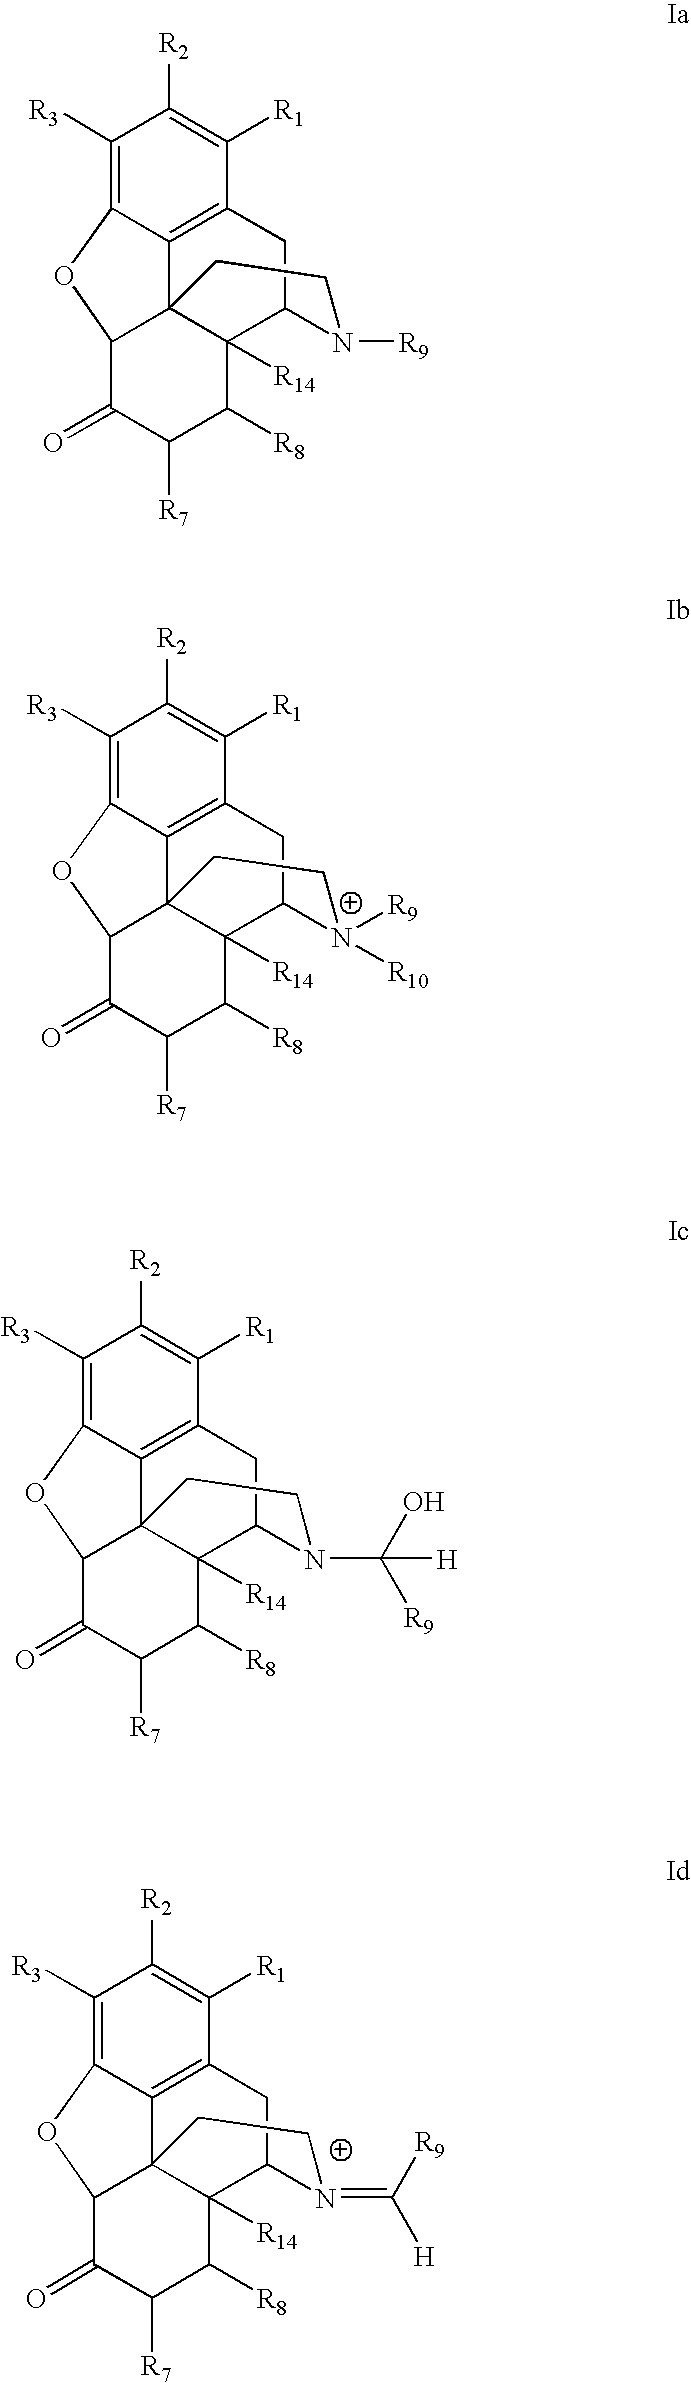 Figure US08273888-20120925-C00004